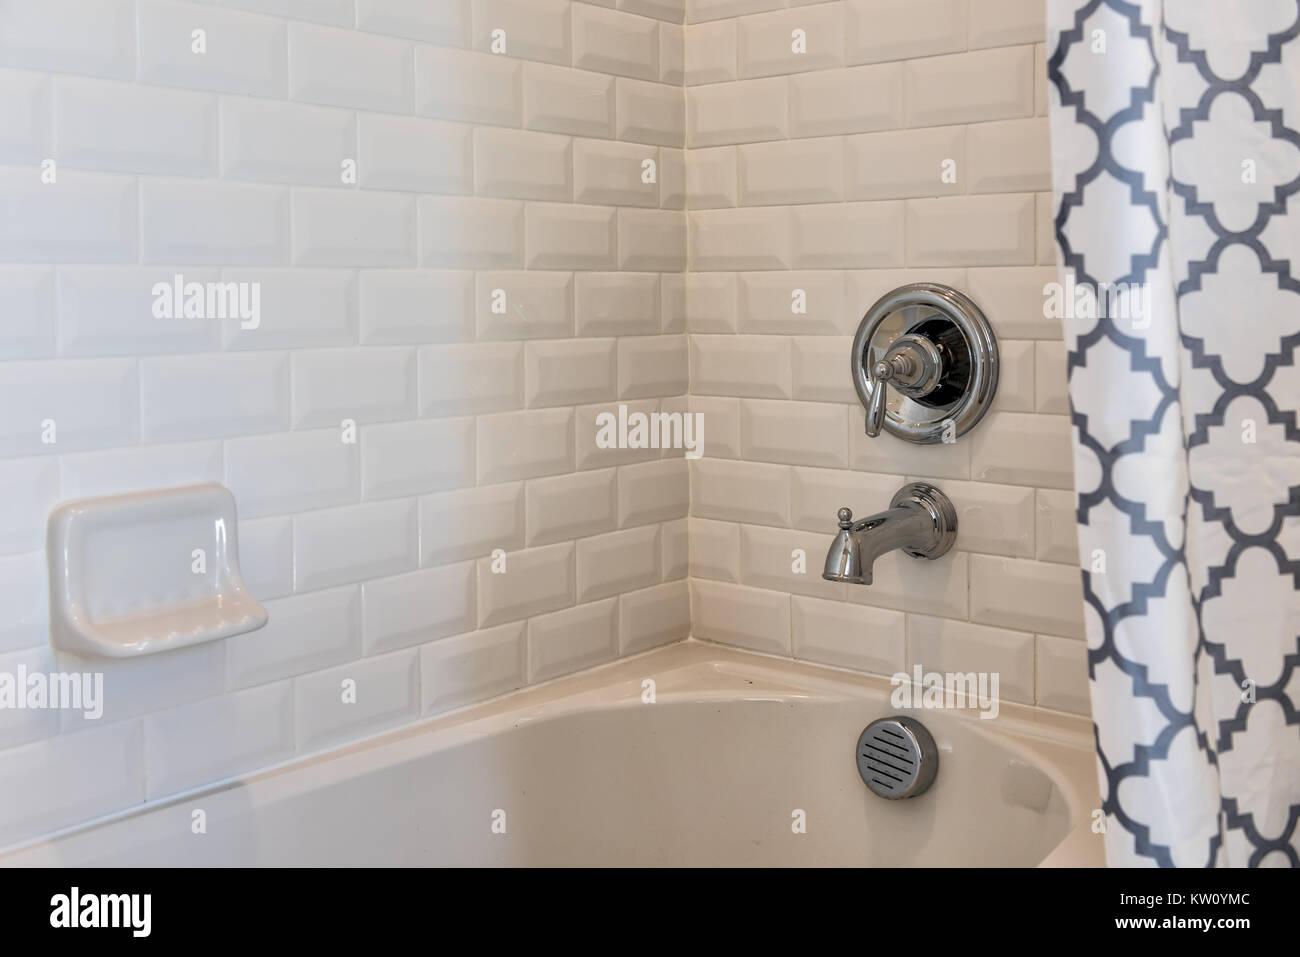 Tende Doccia Per Vasca Da Bagno : Primo piano della bianca e moderna doccia vasca da bagno con tende